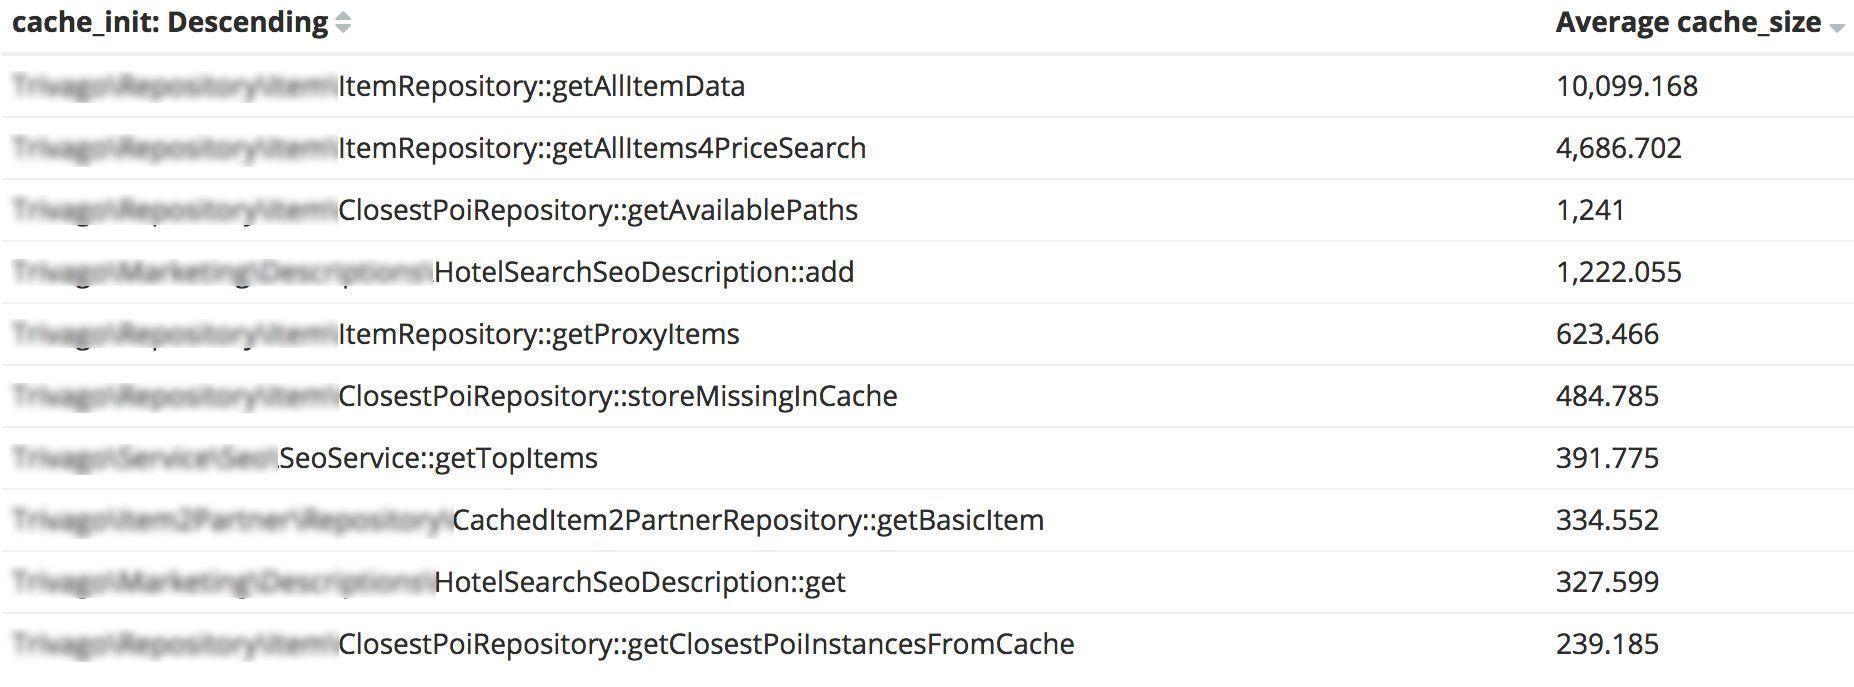 Average cache size per method